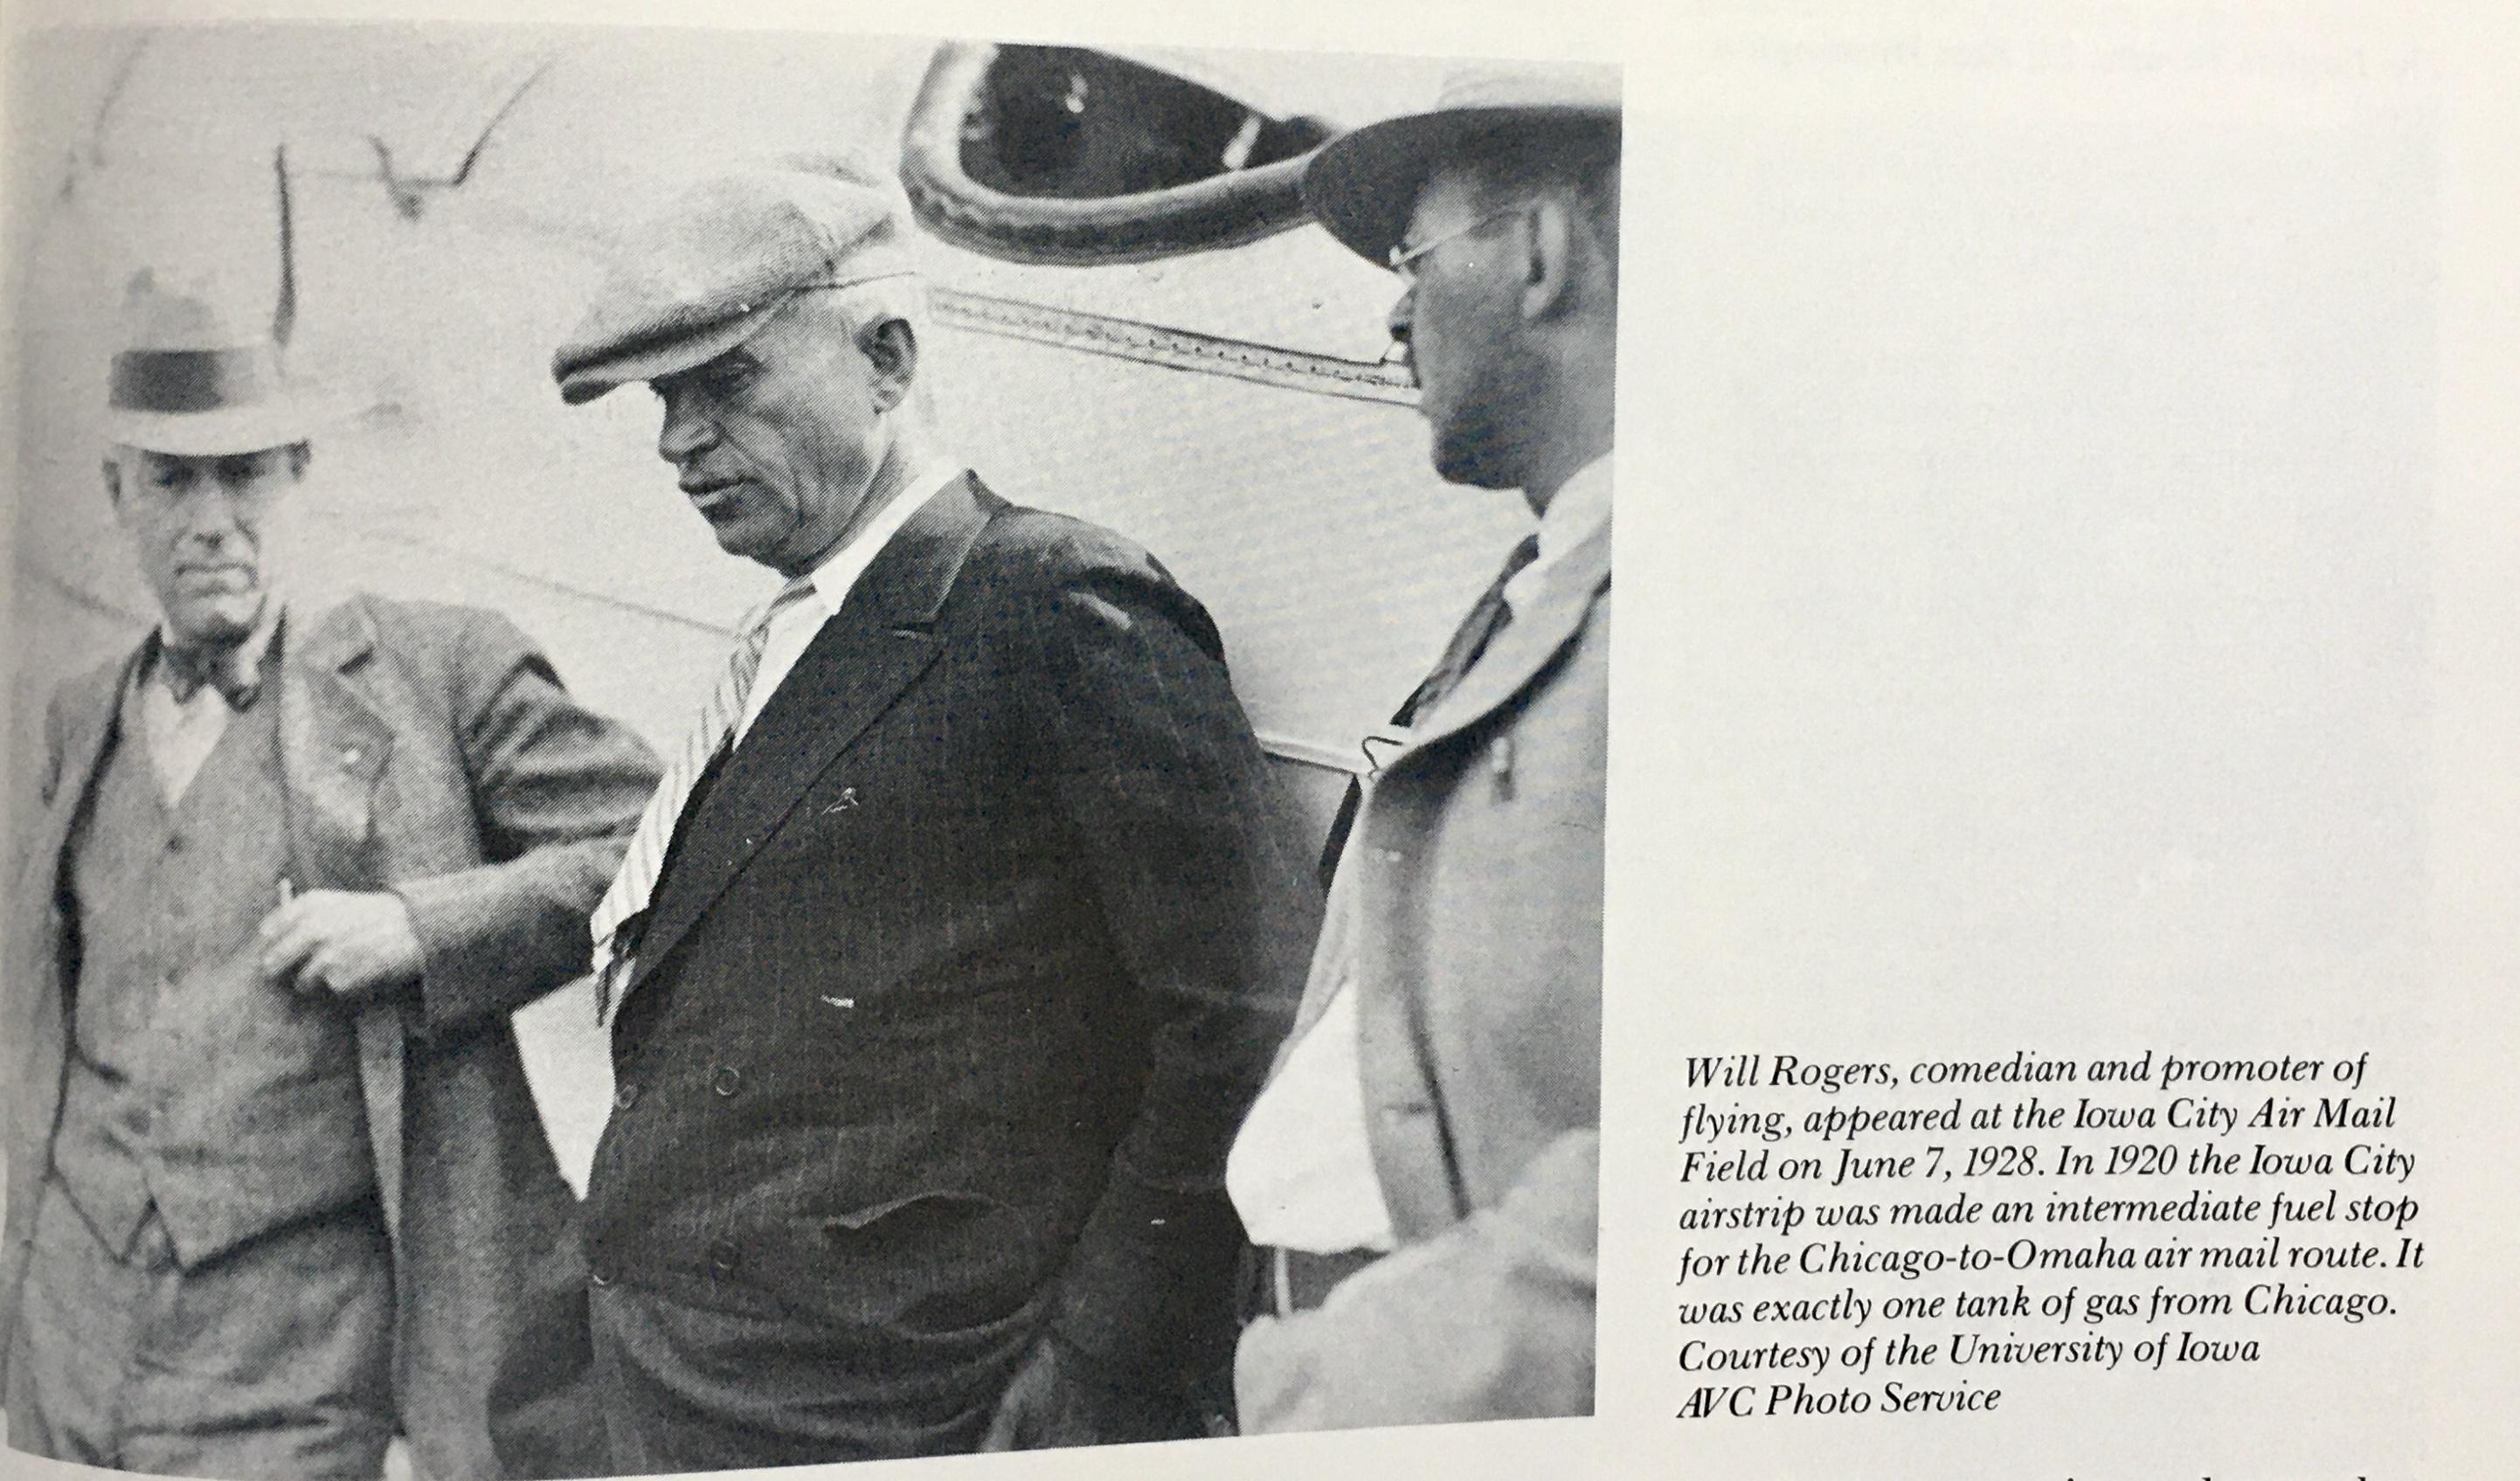 1928-mansheim book p 169 airport